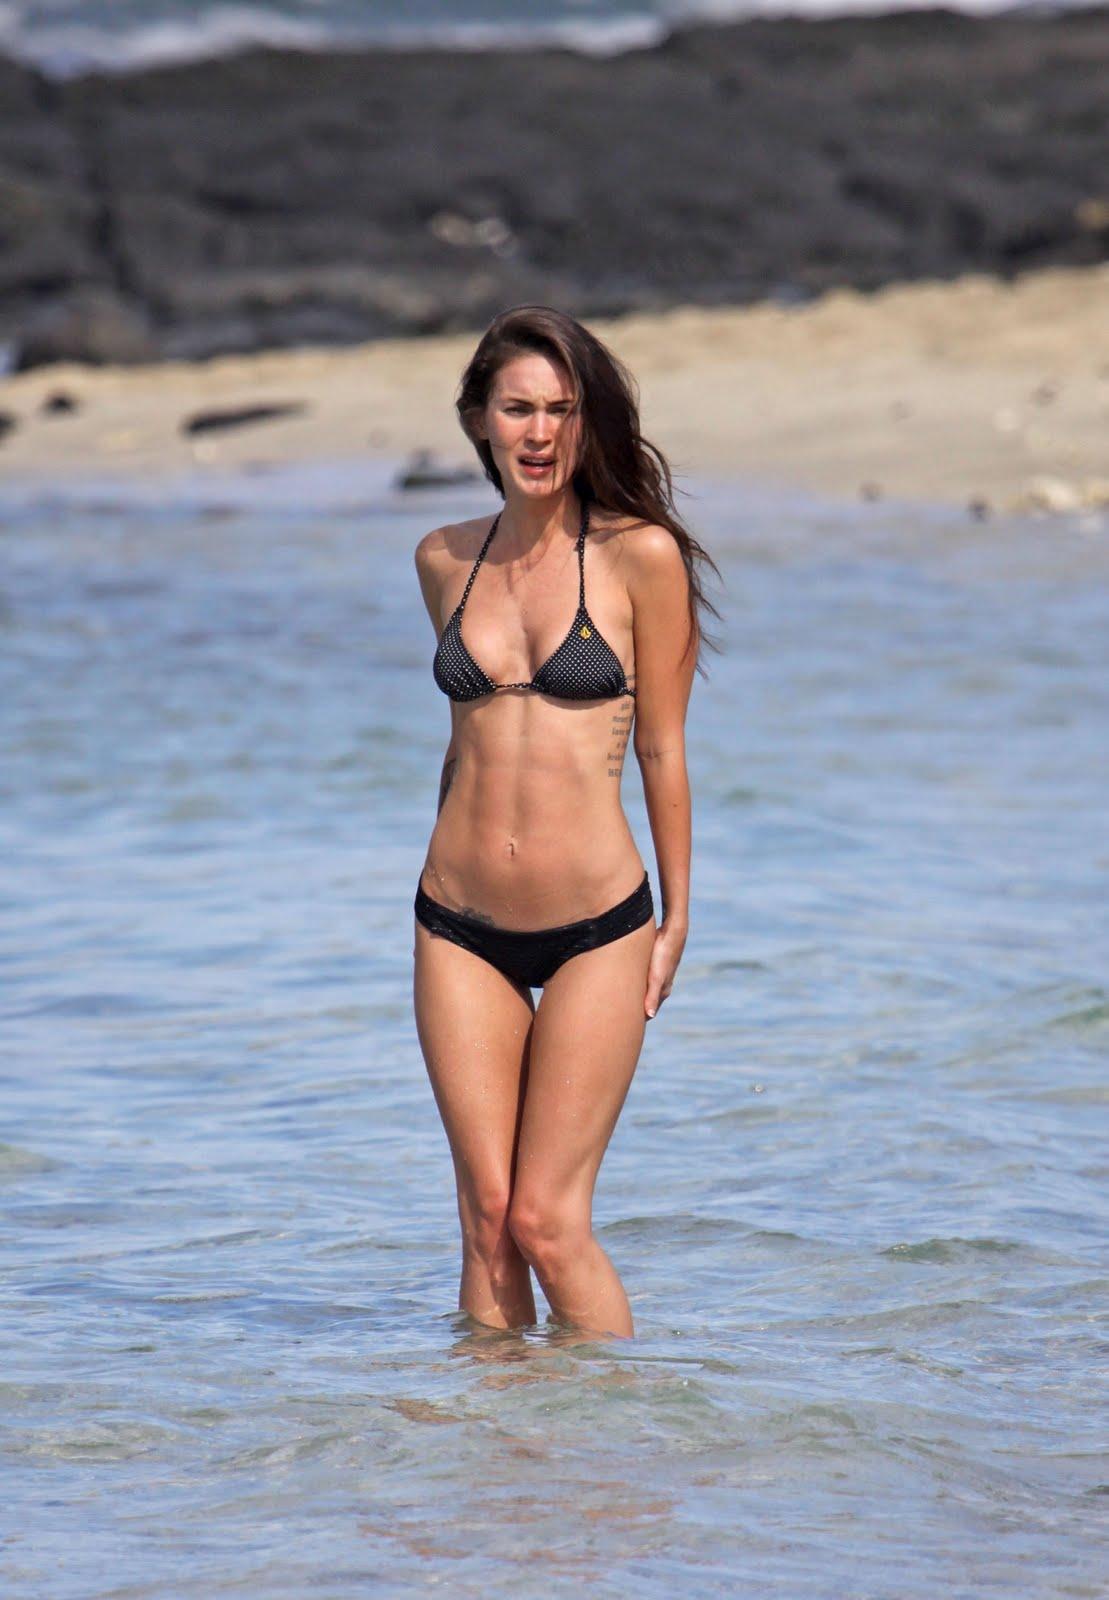 http://1.bp.blogspot.com/_qrmD8jCqKjE/TRBeJG3G4GI/AAAAAAAANE0/NN3XLUEnlMQ/s1600/megan-fox-bikini-2010-3.jpg